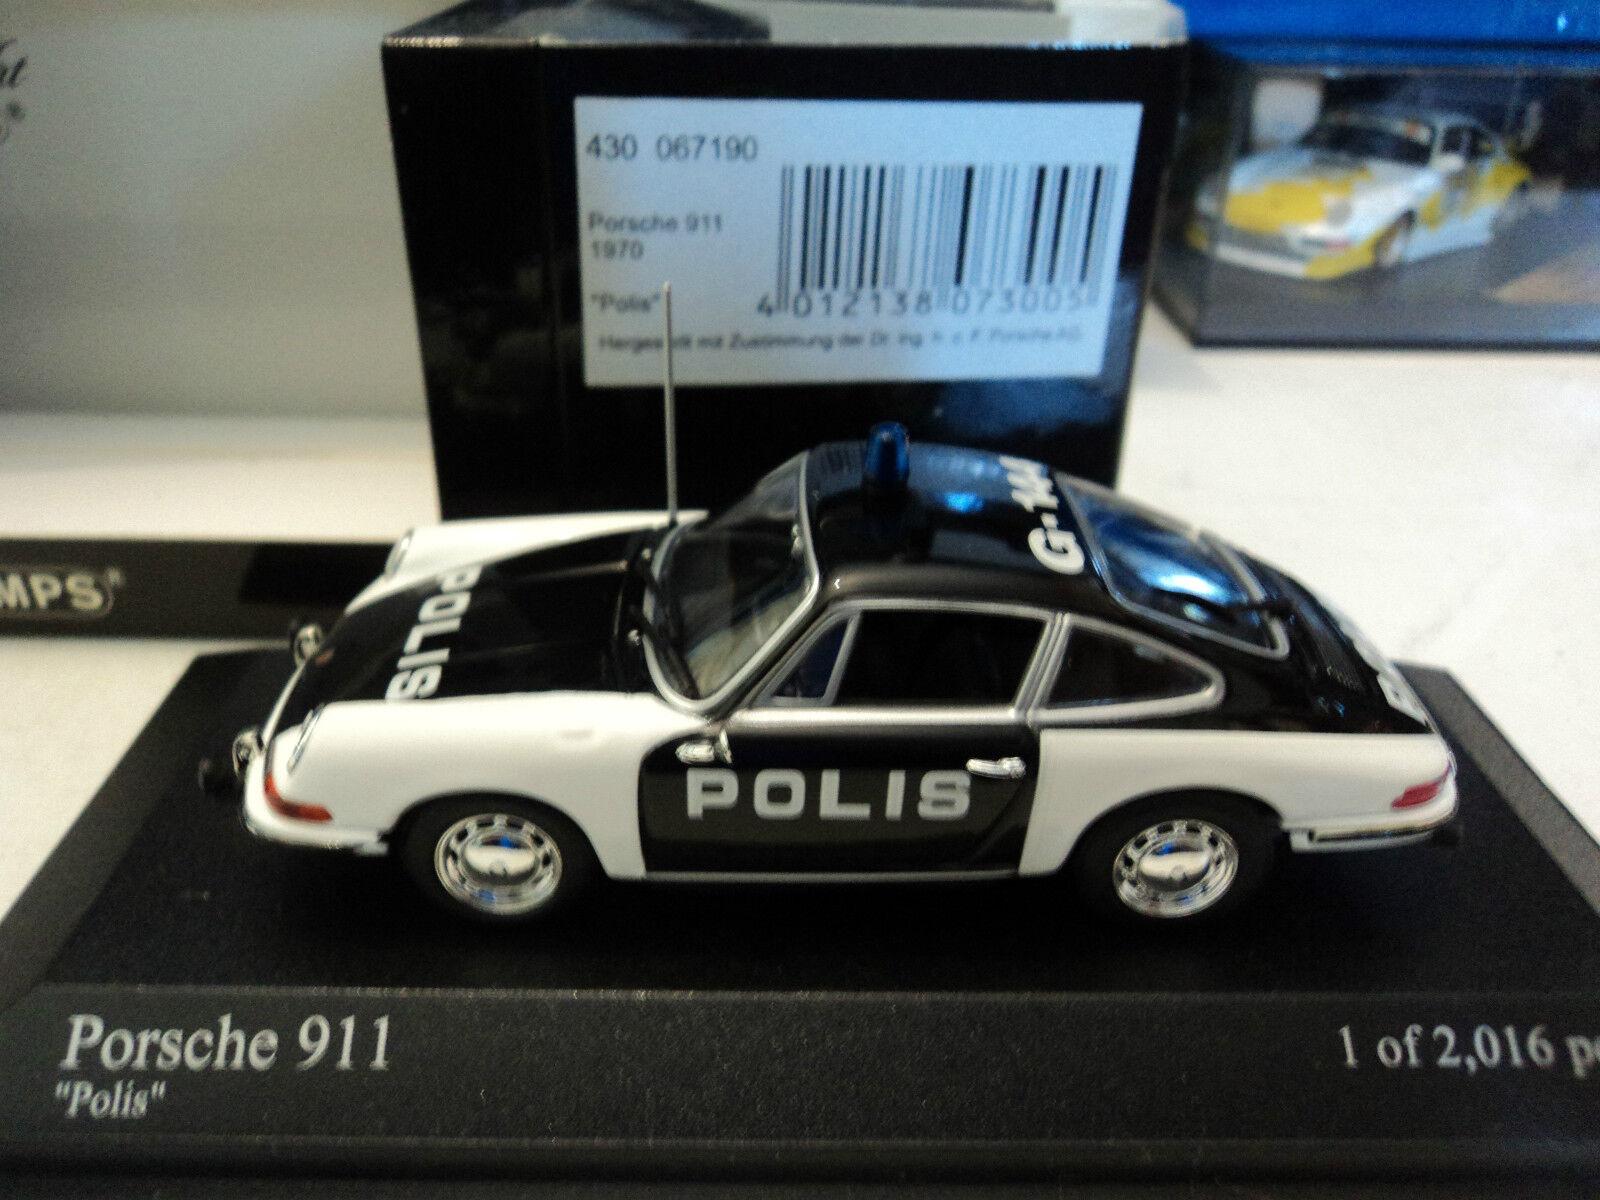 Minichamps 1 43 Porsche 911 1970  POLIS